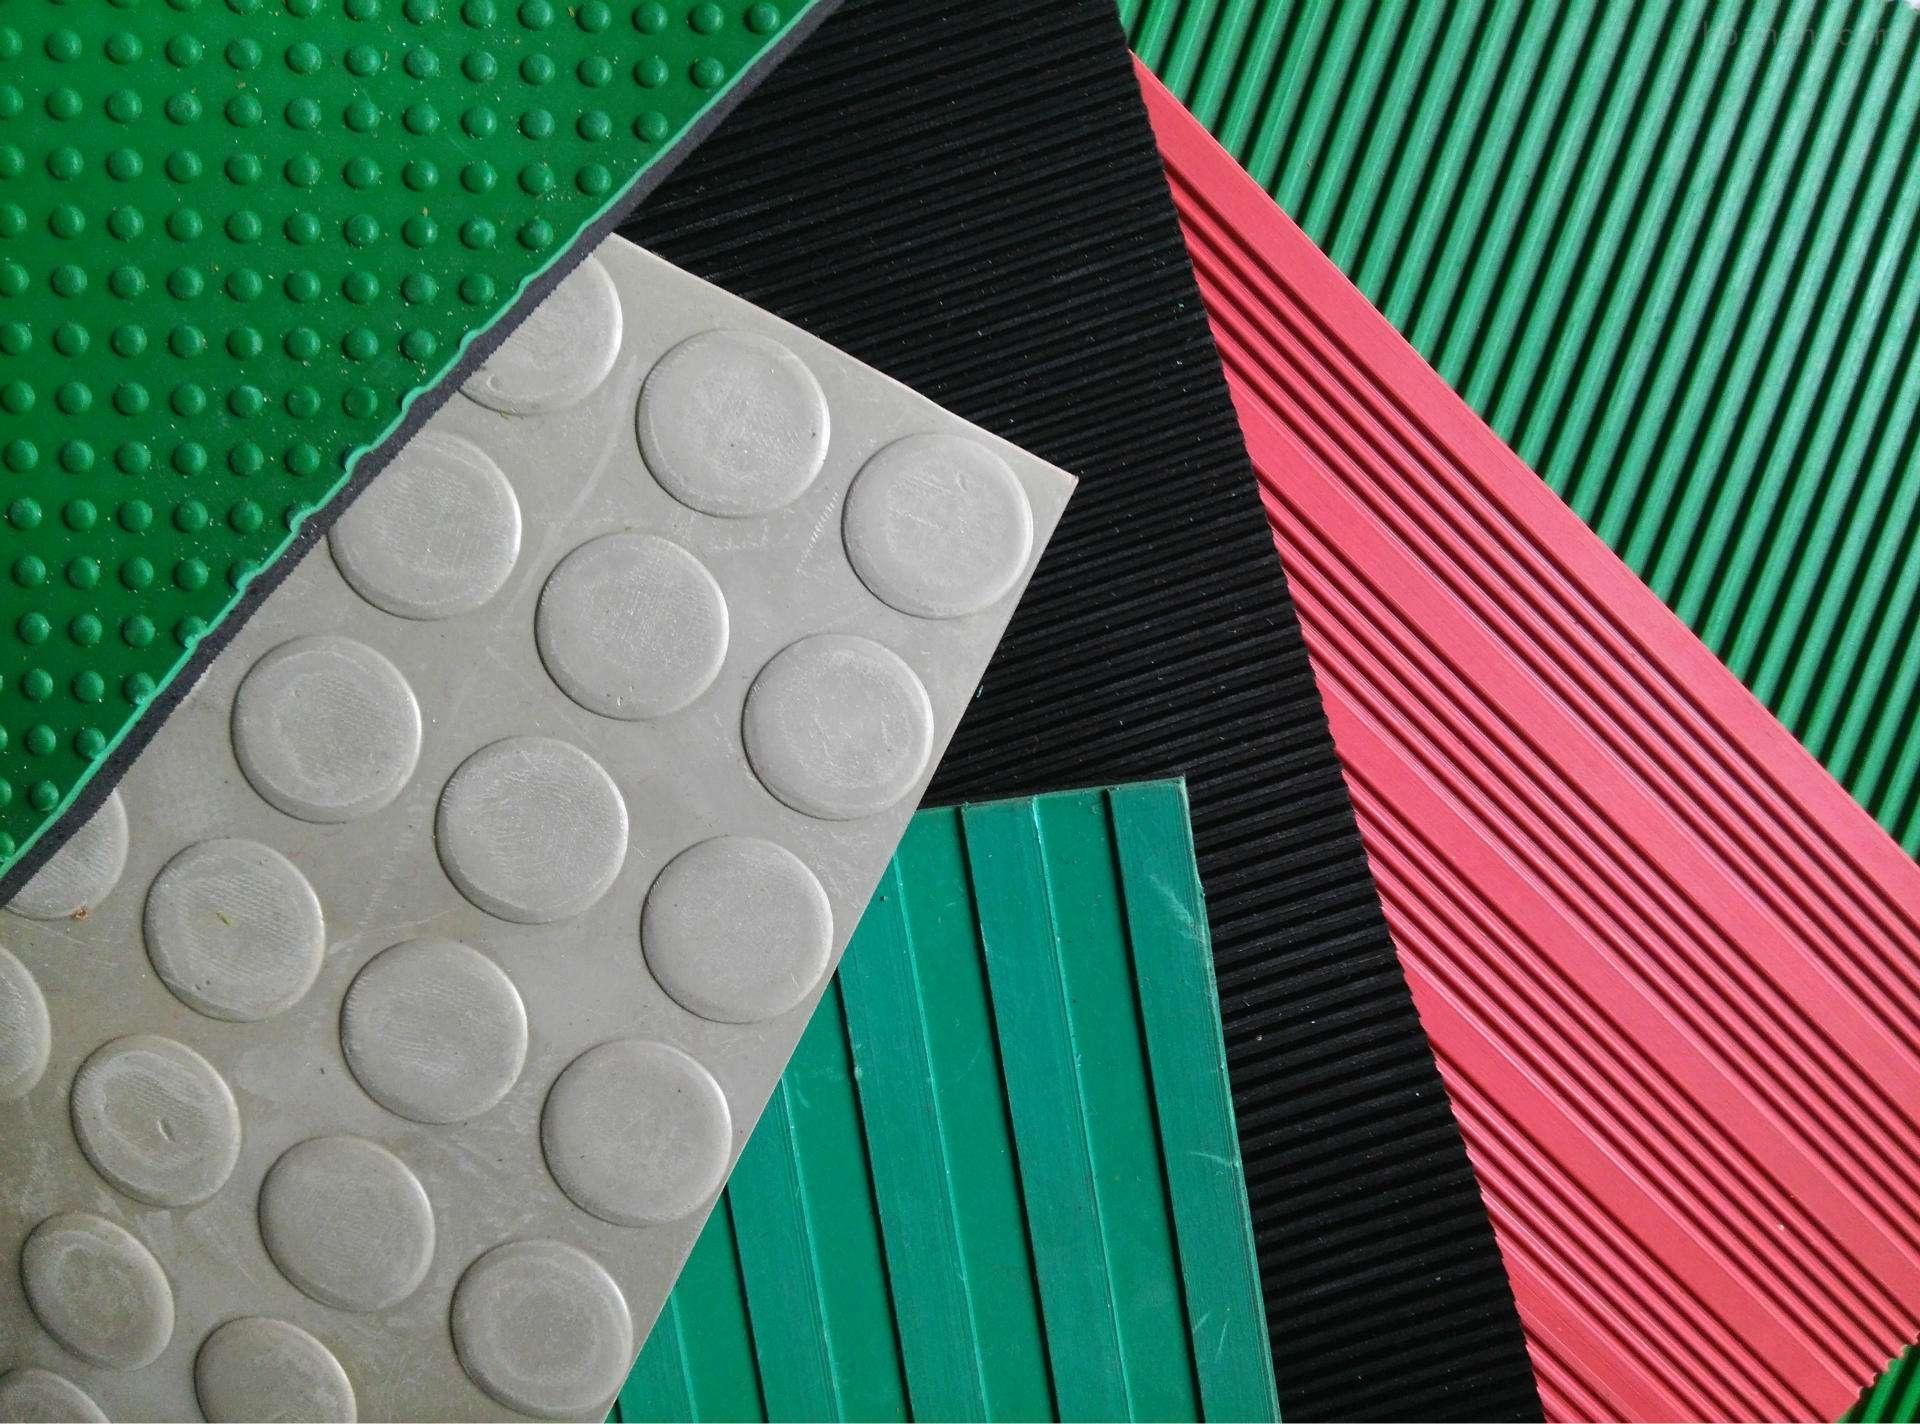 防滑橡胶板每块多少钱